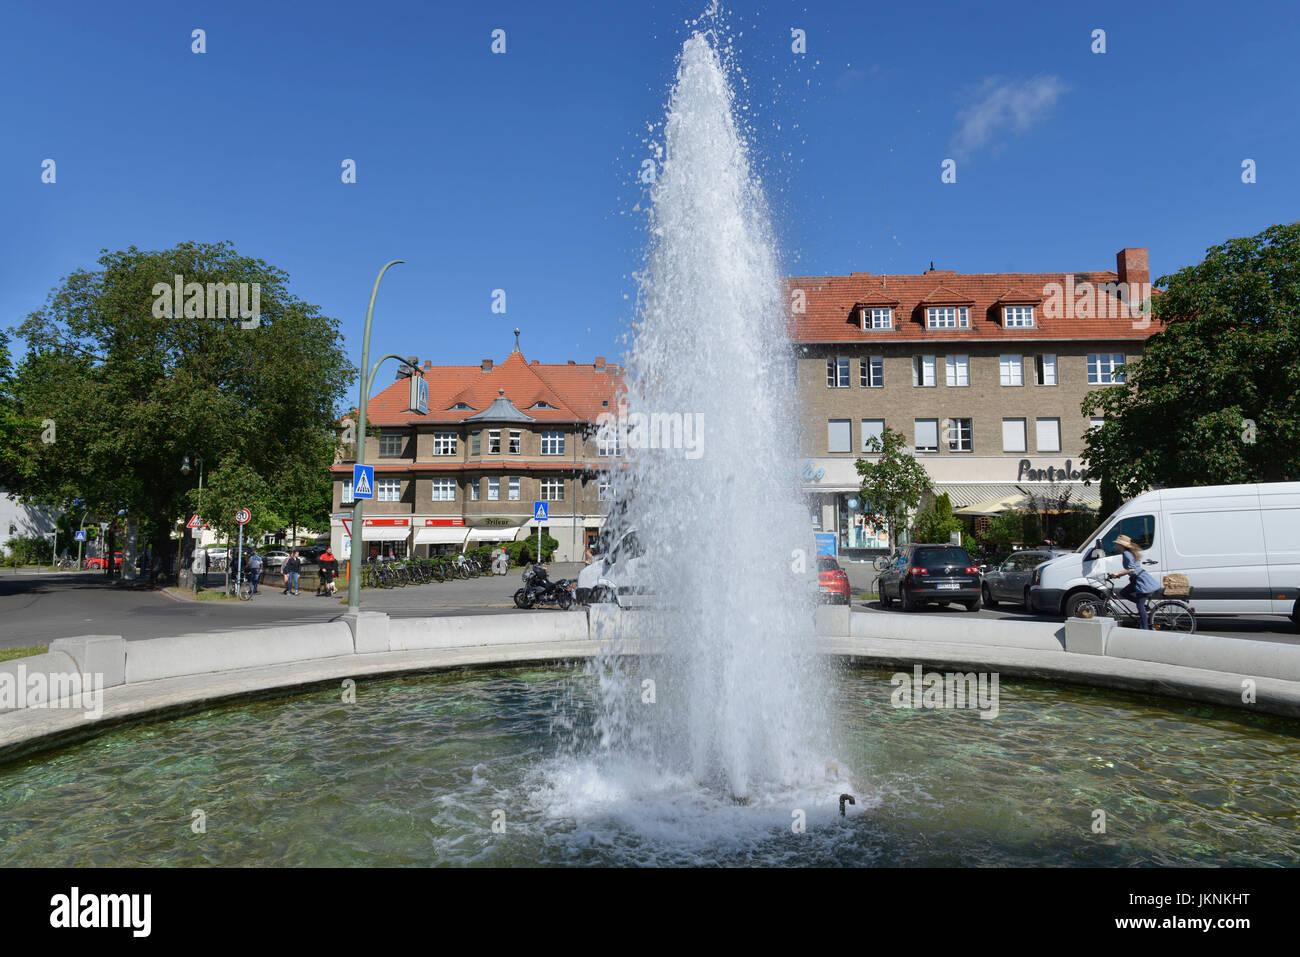 Wells, Place Ludolfinger, Frohnau, Village Reinicken, Berlin, Germany,  Brunnen, Ludolfingerplatz, Reinickendorf, Deutschland